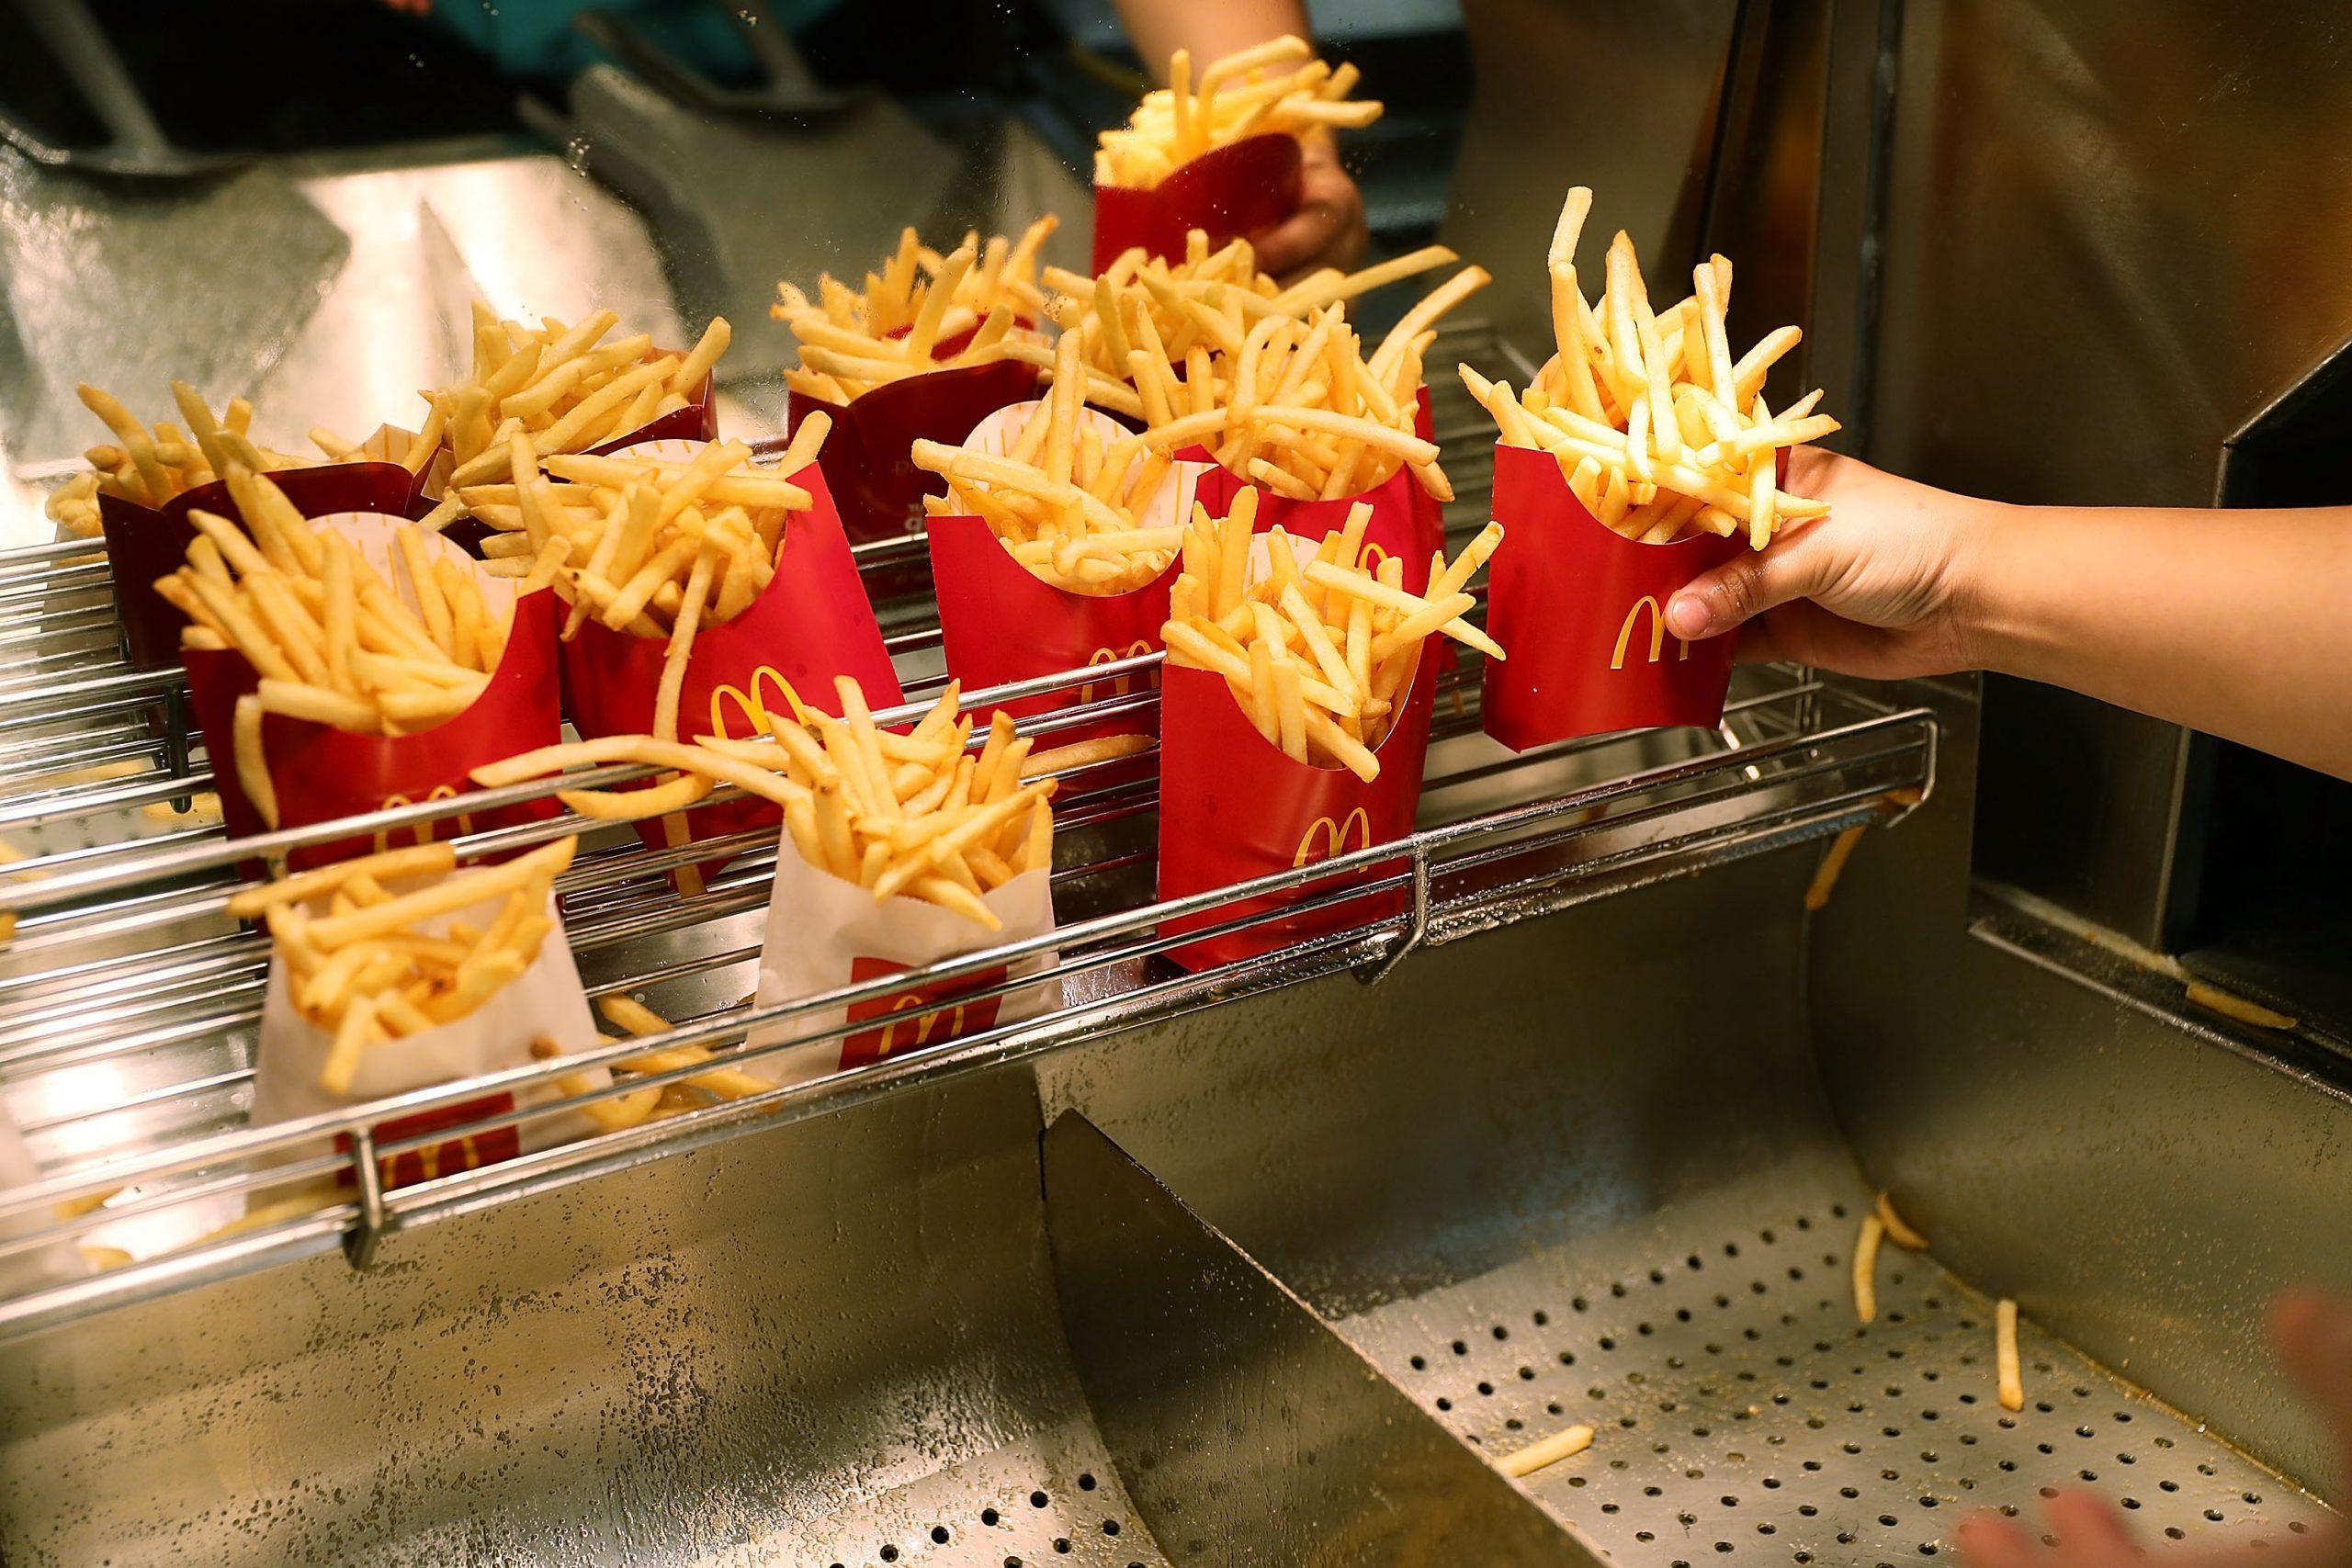 Les frites de McDonald's